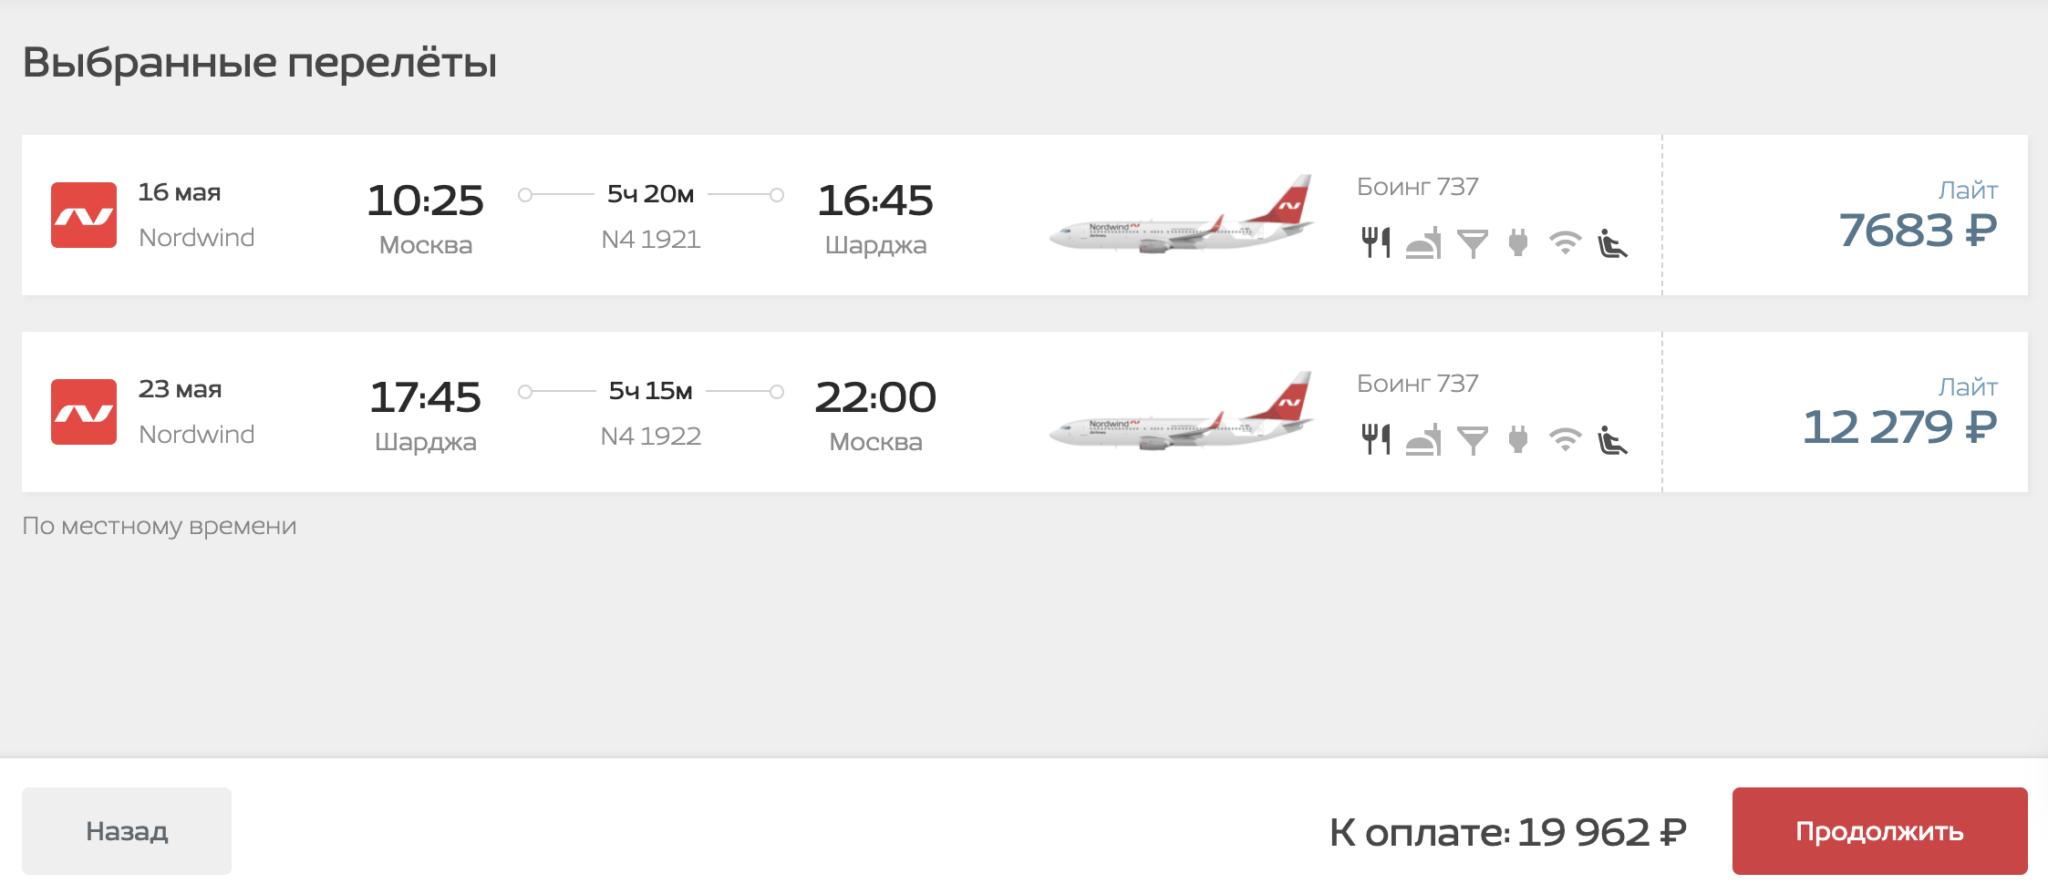 Прямые рейсы Nordwind из Москвы в Шарджу (ОАЭ) от 19960₽ туда-обратно